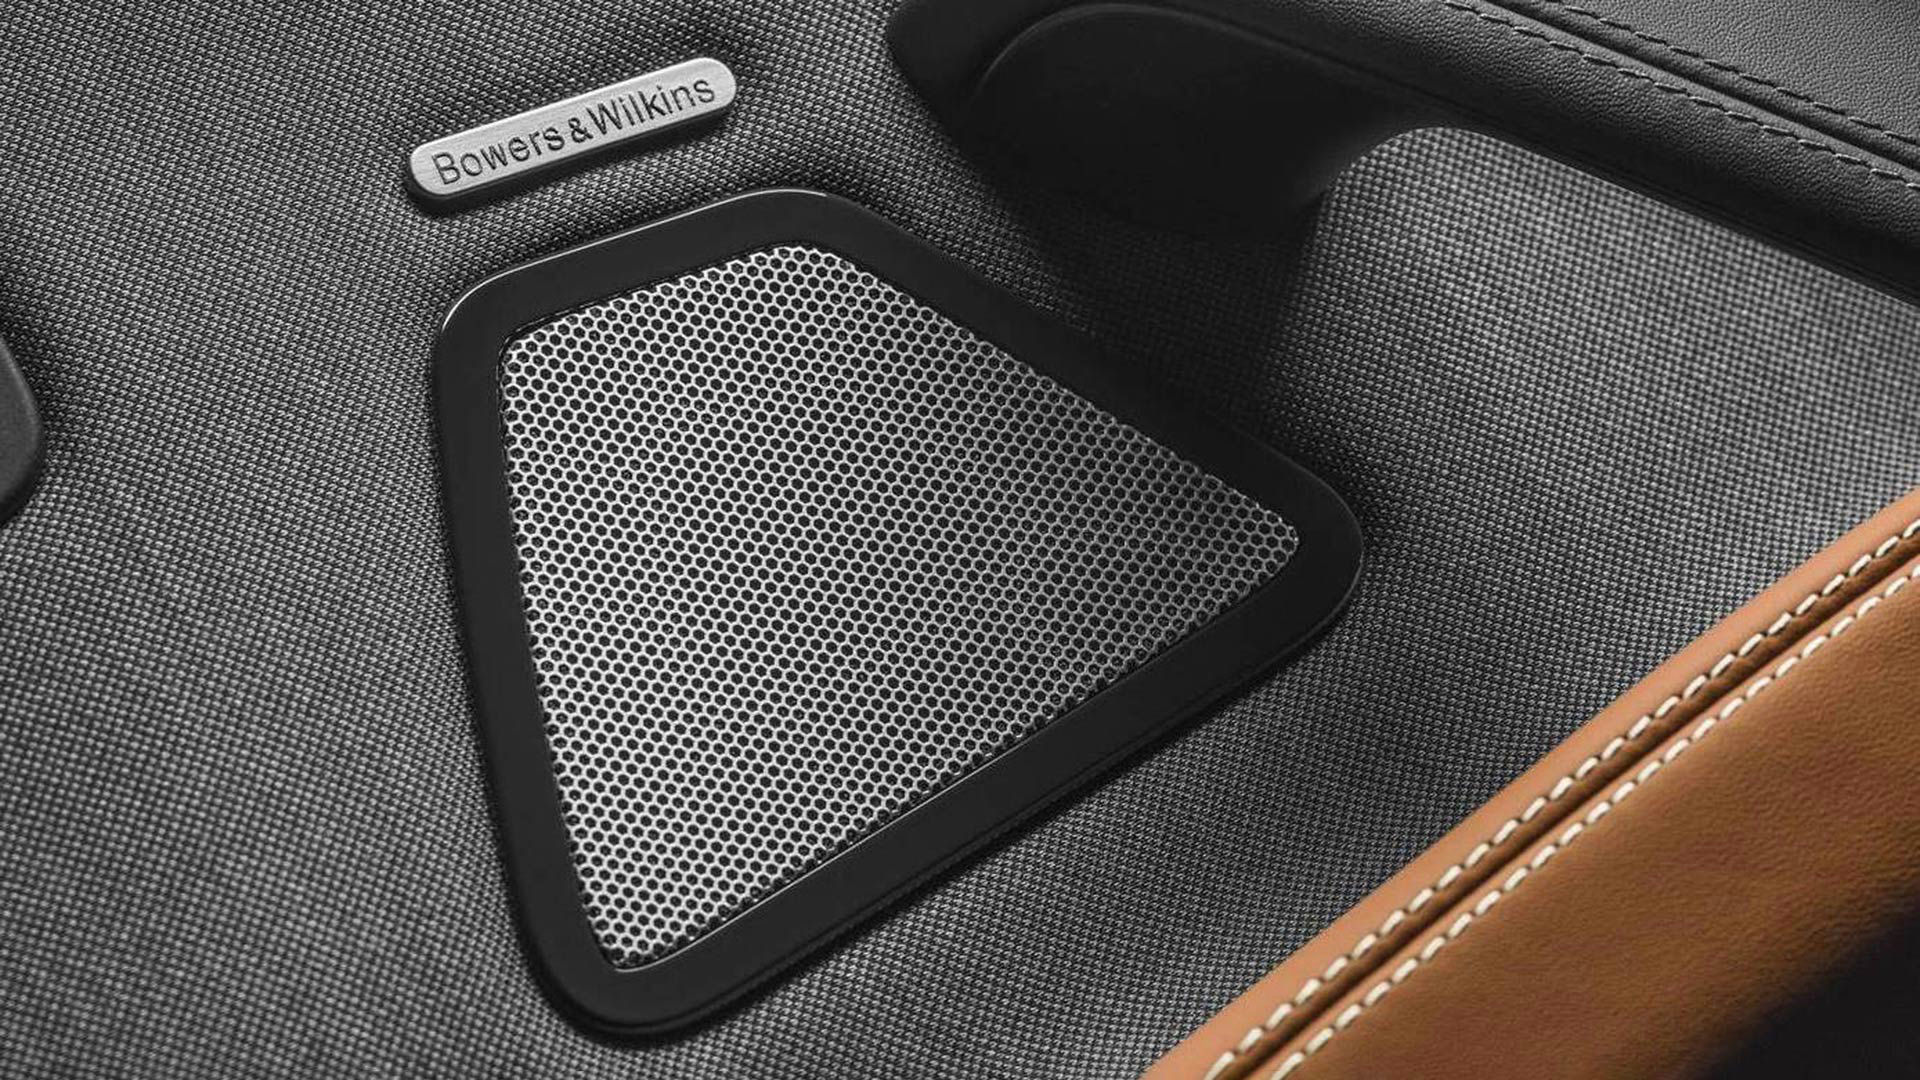 Bowers & Wilkins Lautsprecher in Maserati - Detailansicht